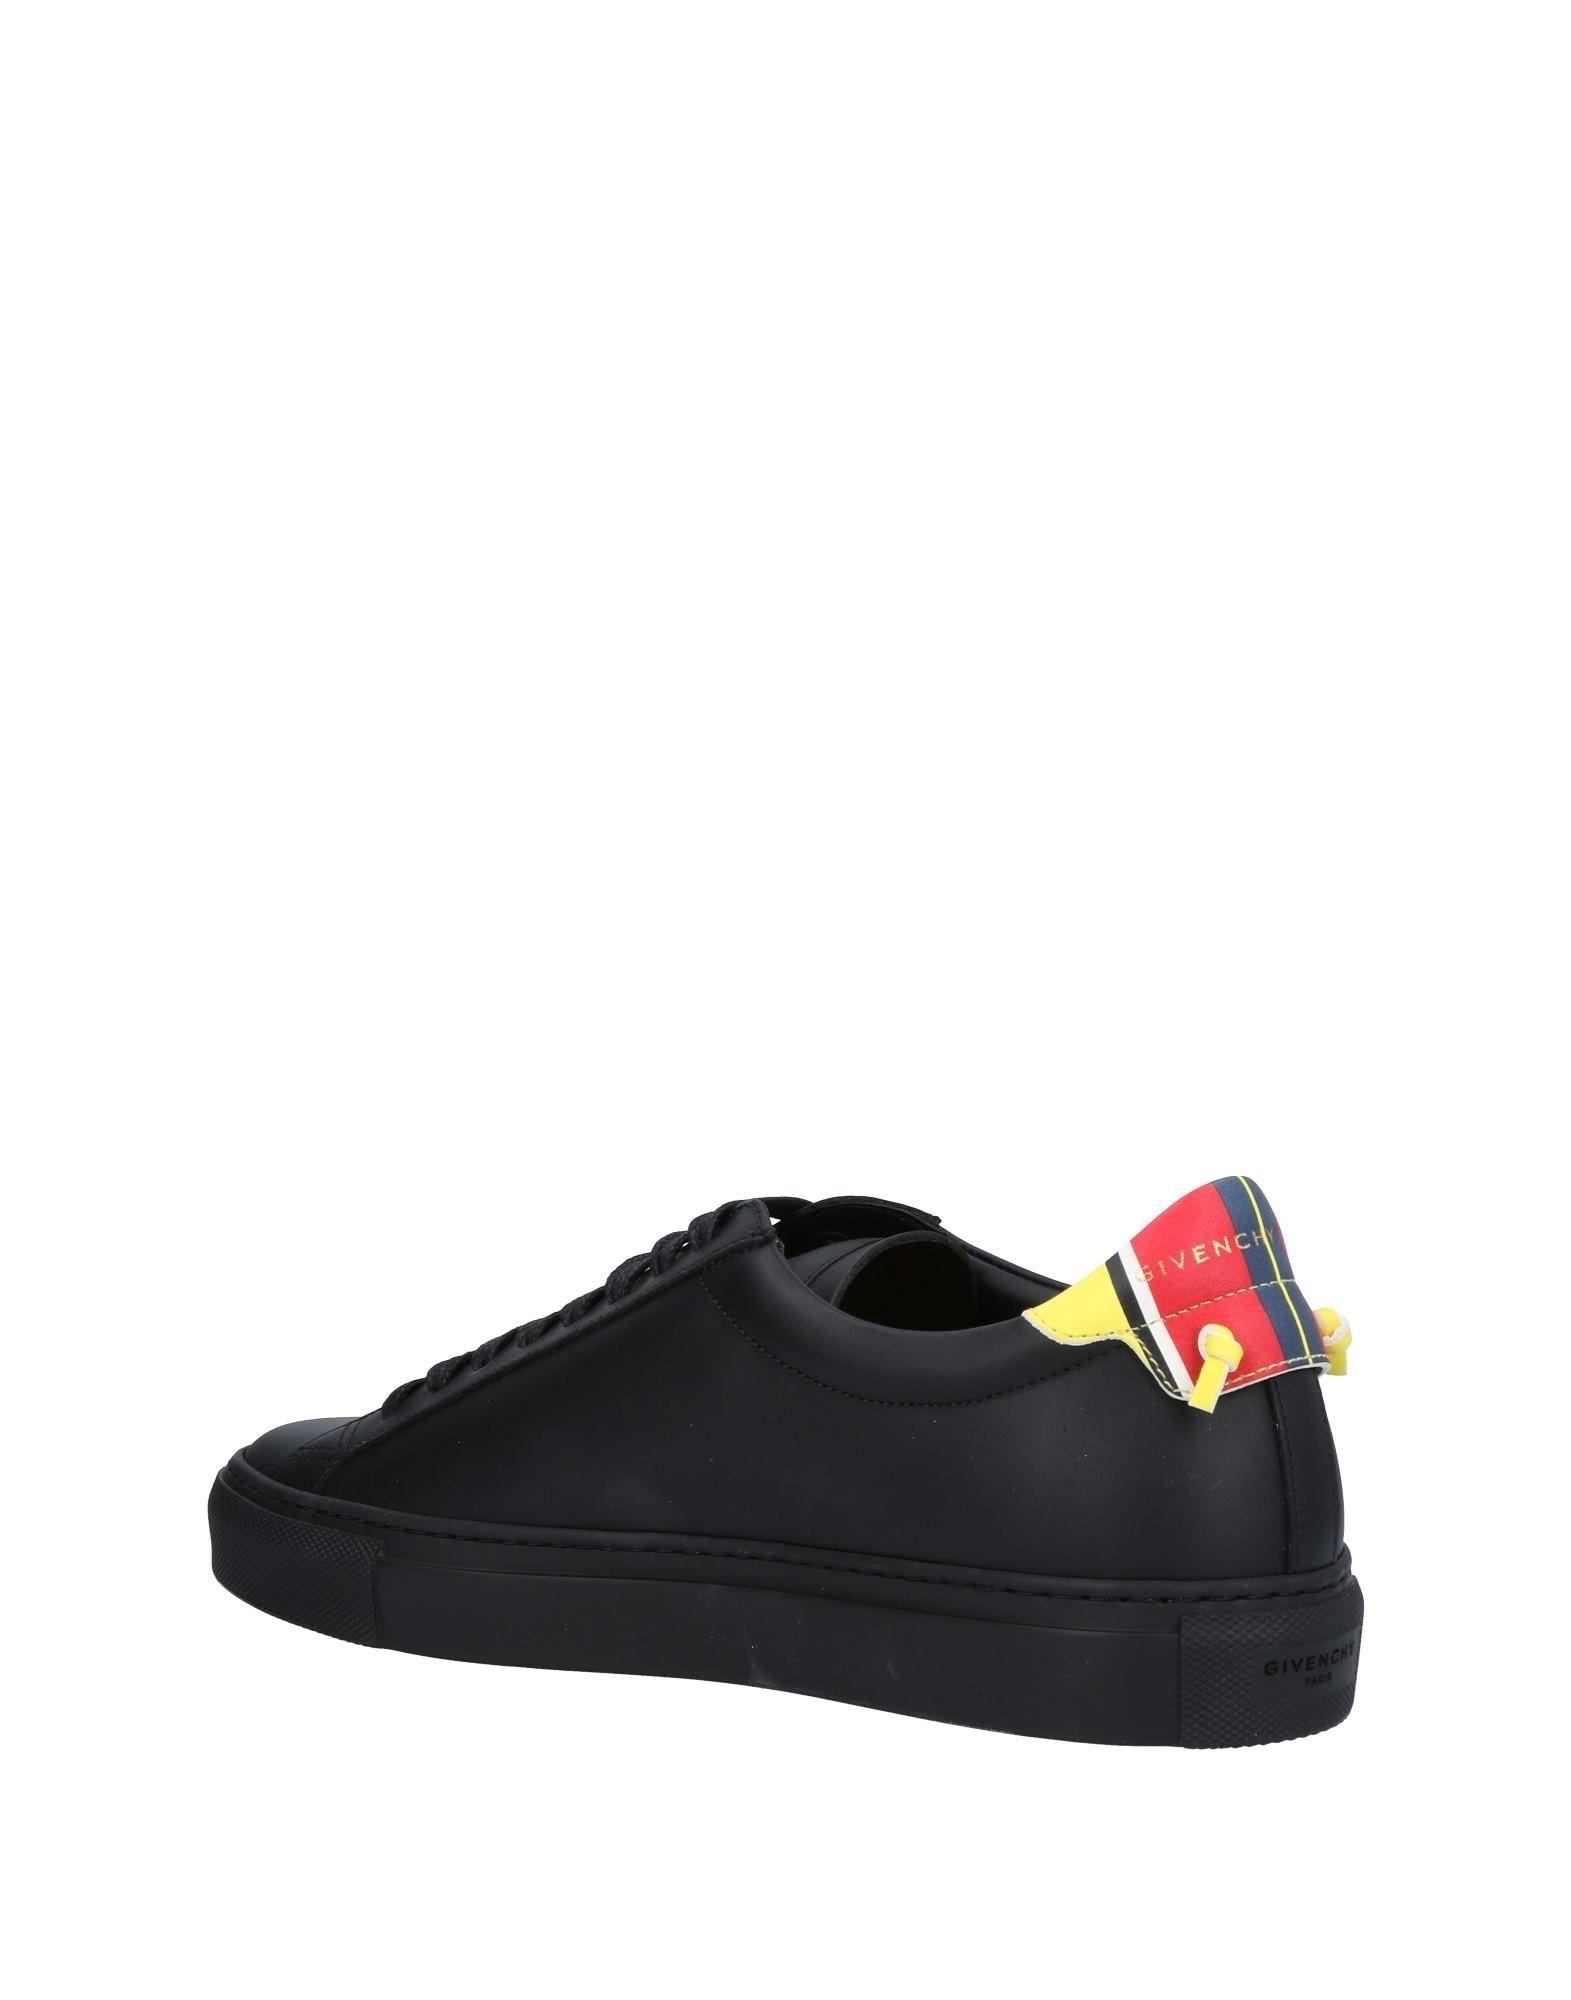 Givenchy Sneakers Herren Herren Sneakers  11465020XW 7b9ed7